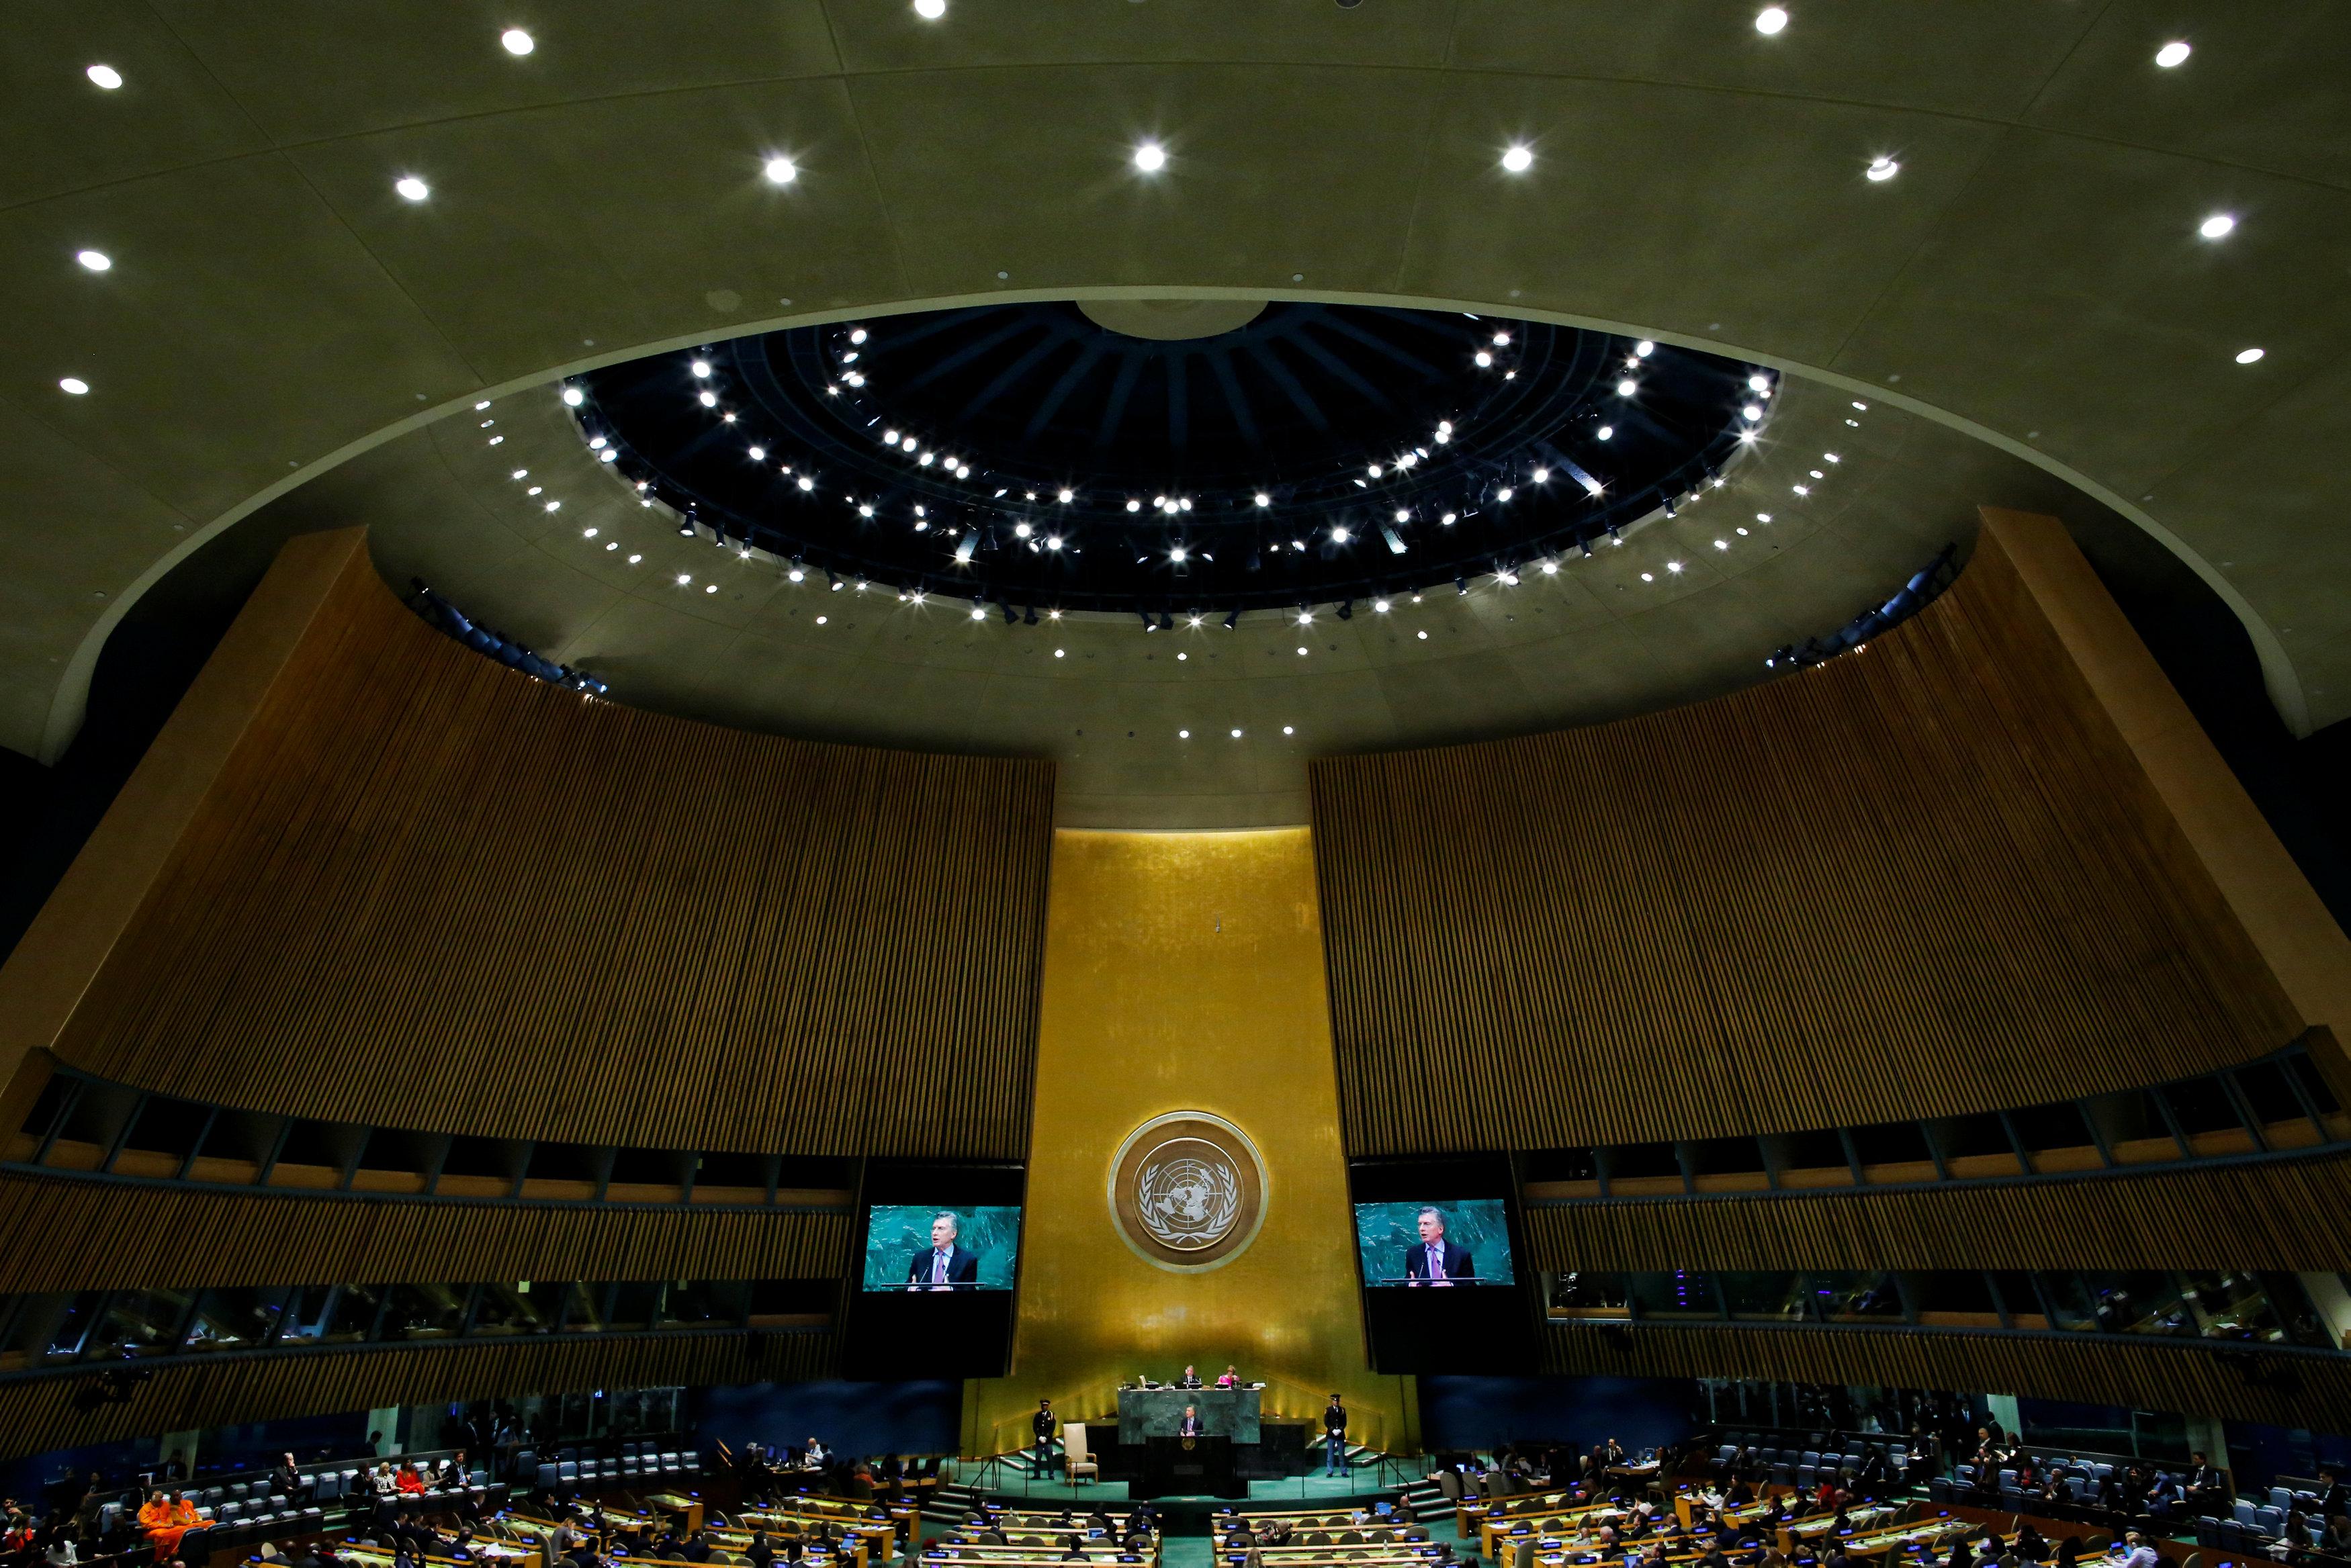 La crisis de Venezuela, uno de los temas más abordados por los líderes internacionales en la Asamblea General de la ONU